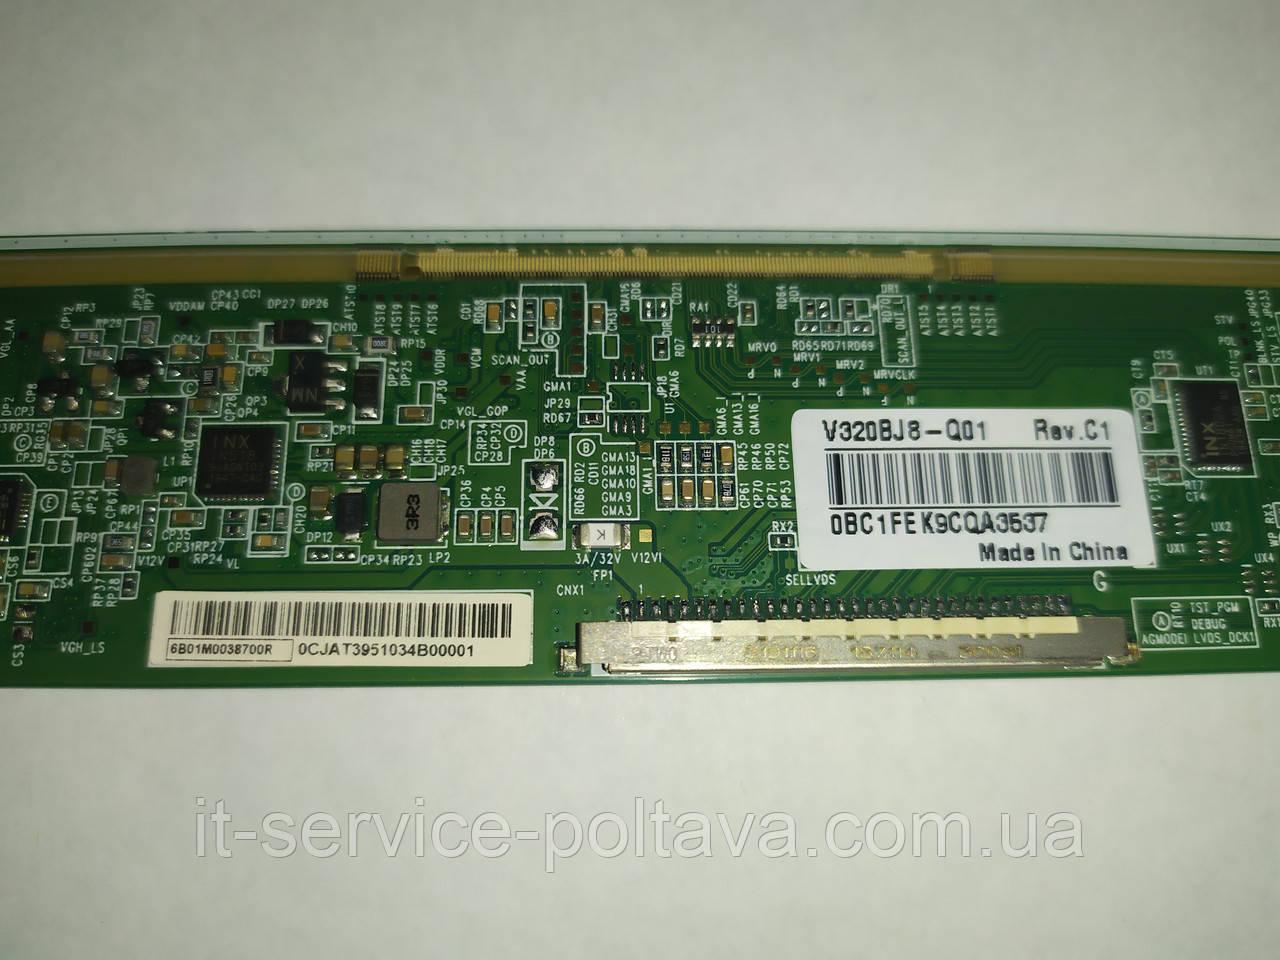 Плата (T-con) V320BJ8-Q01 REV.C1 (0BC1FEK9CQA3537) для телевізора METZ